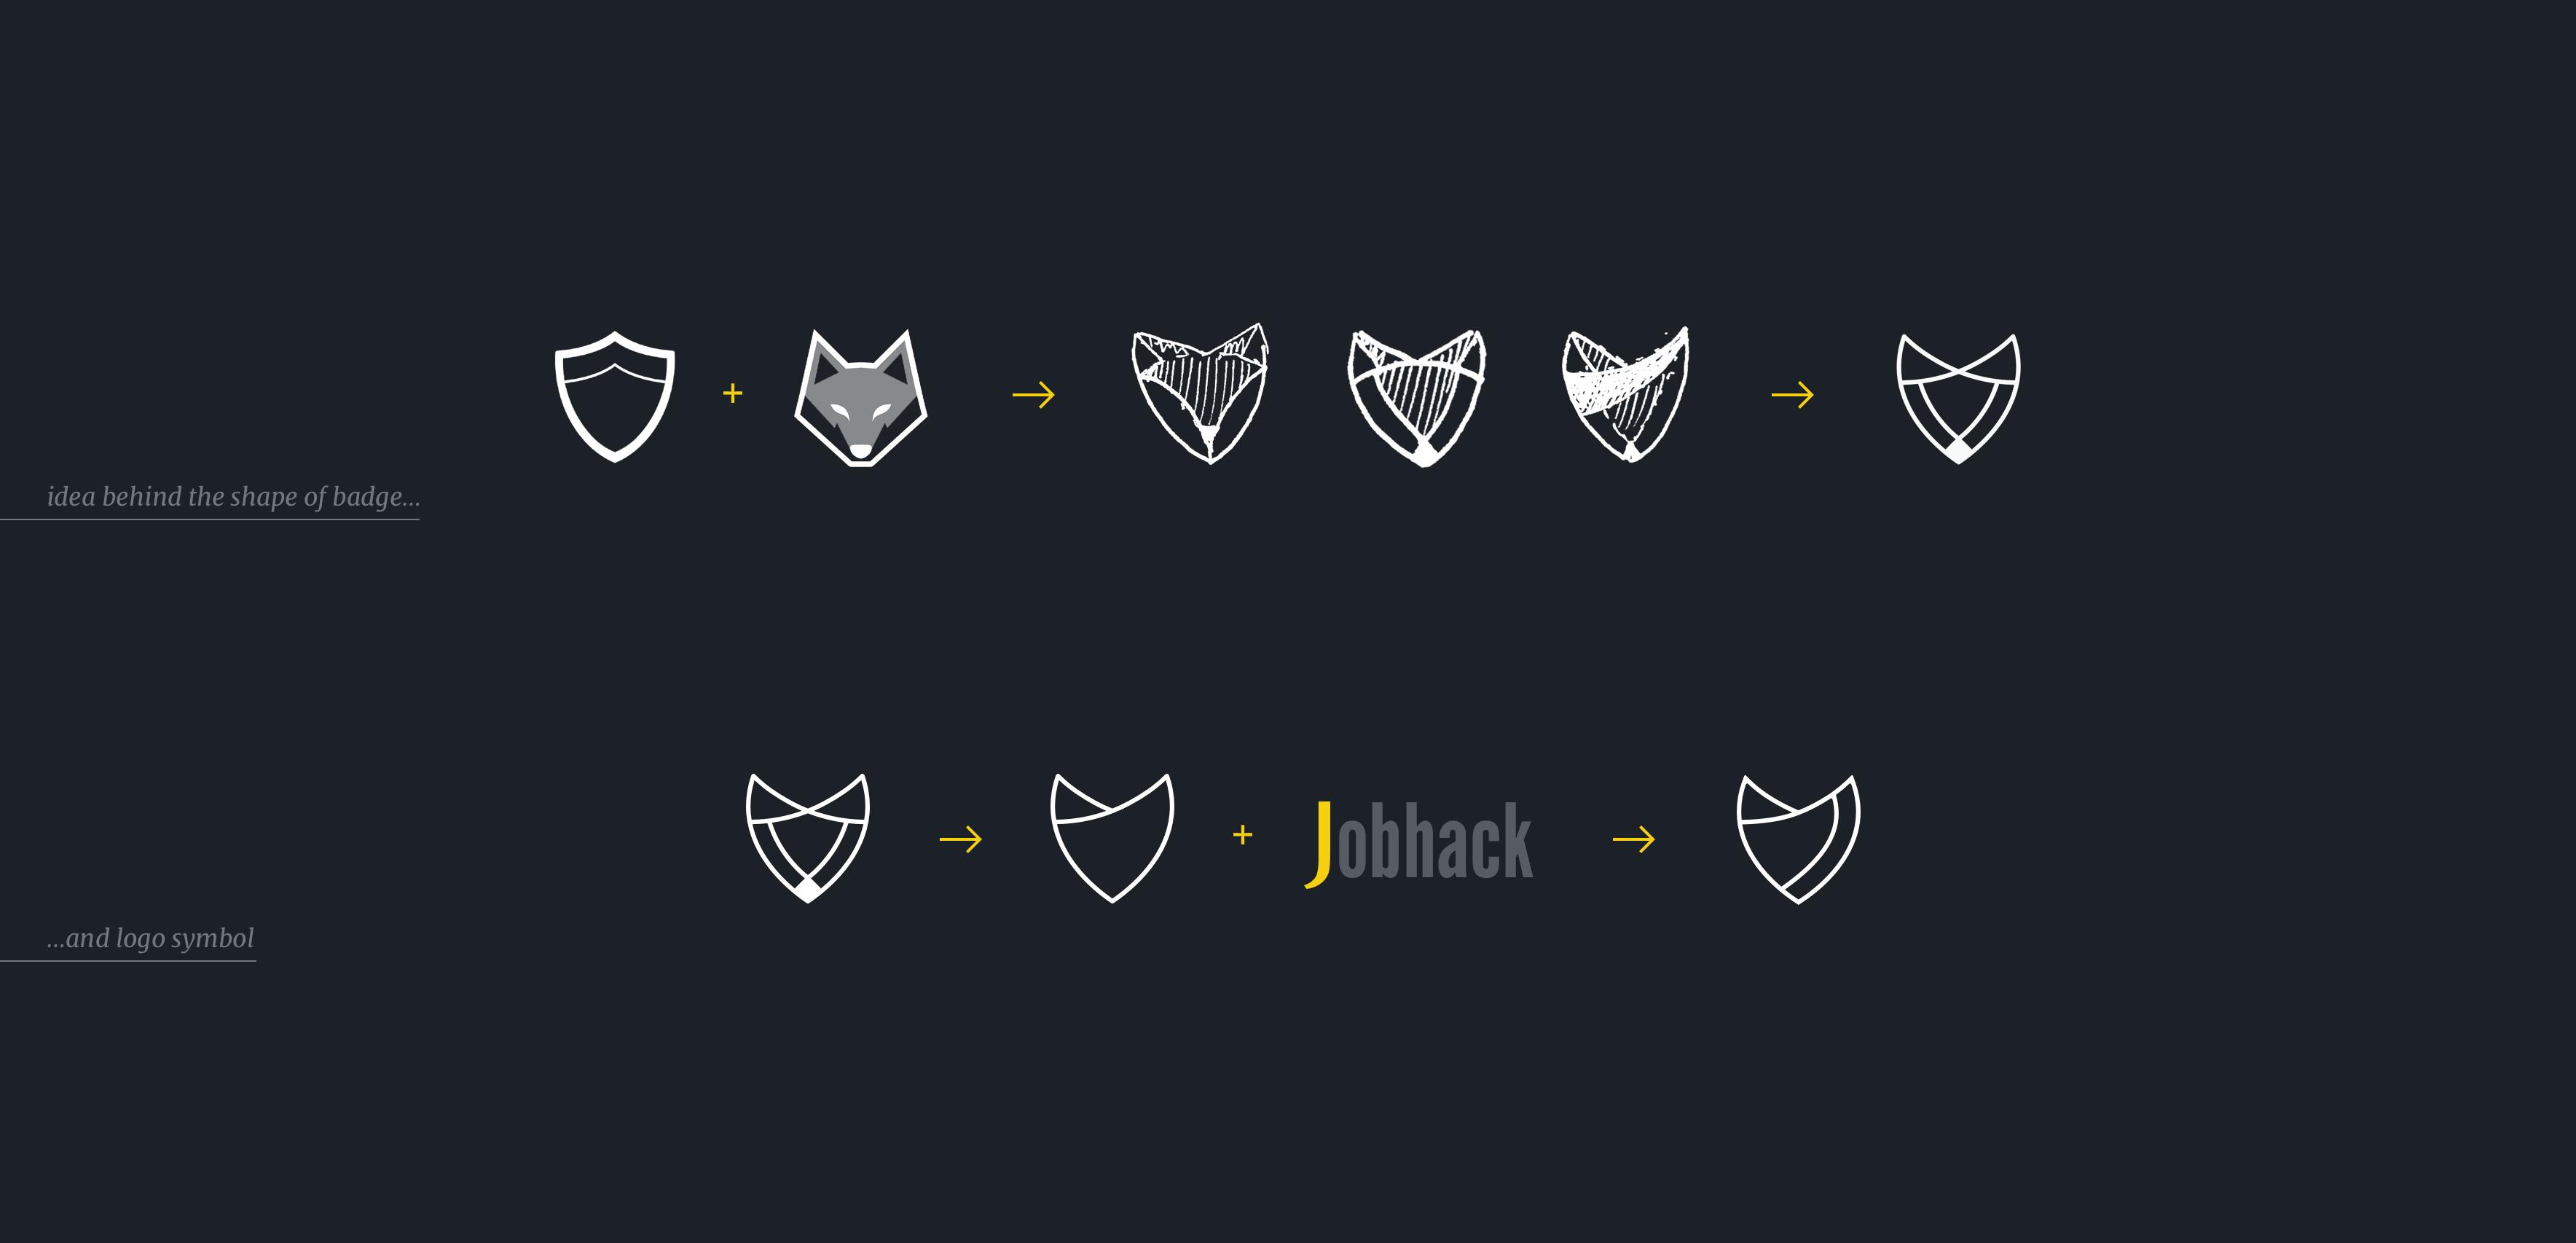 JobHack-logo-concept-Nezhynska-1